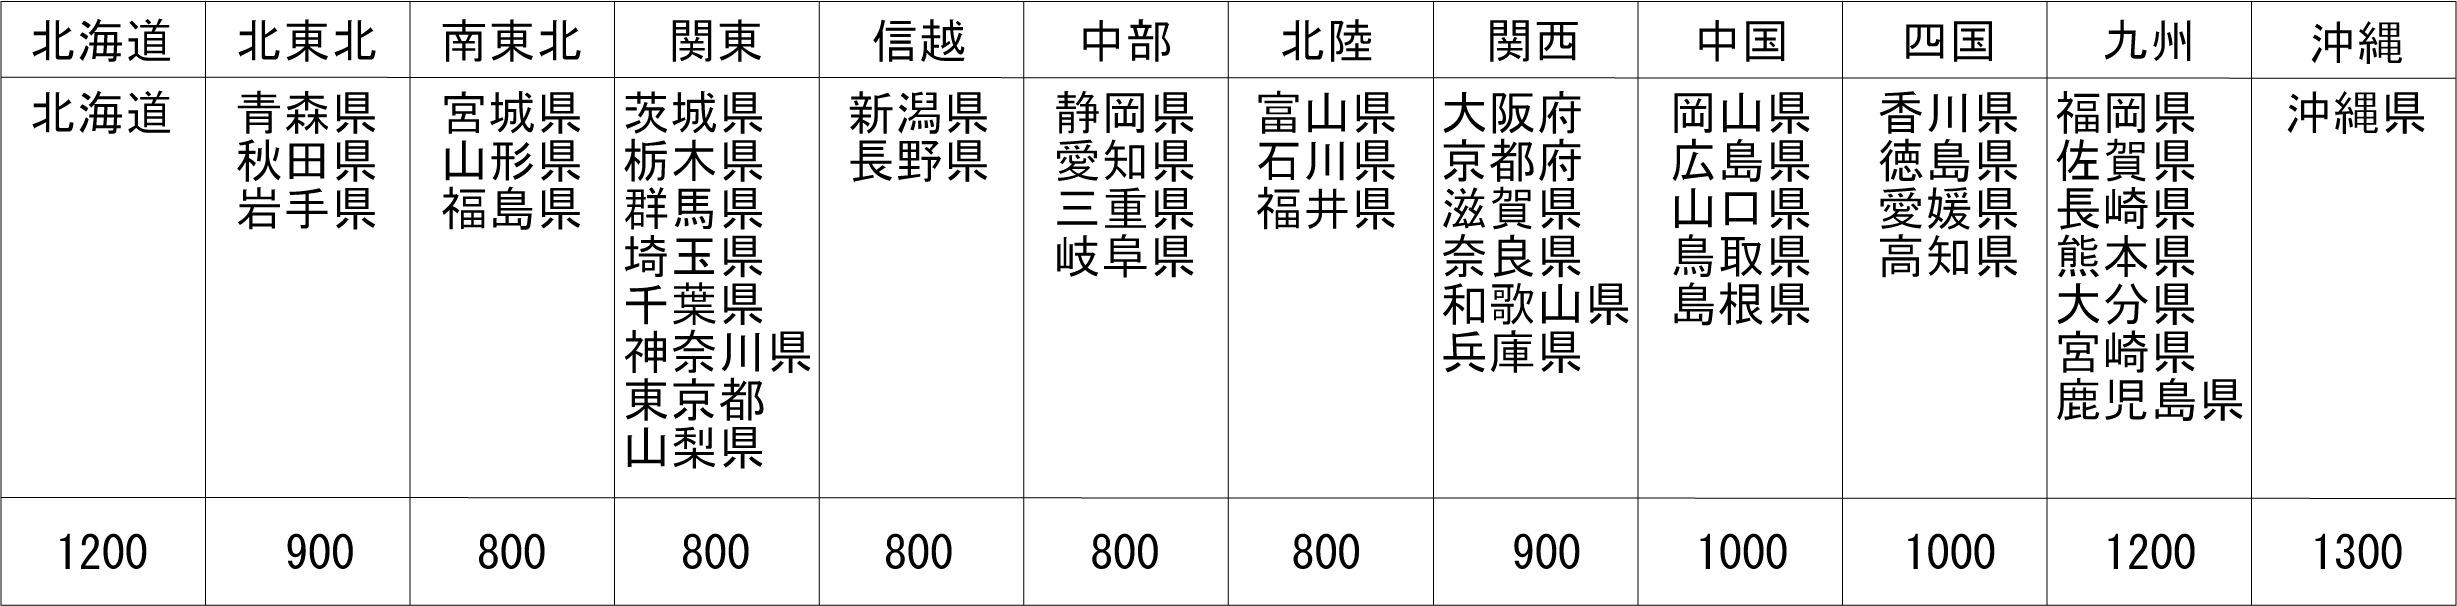 クロネコヤマト新価格表